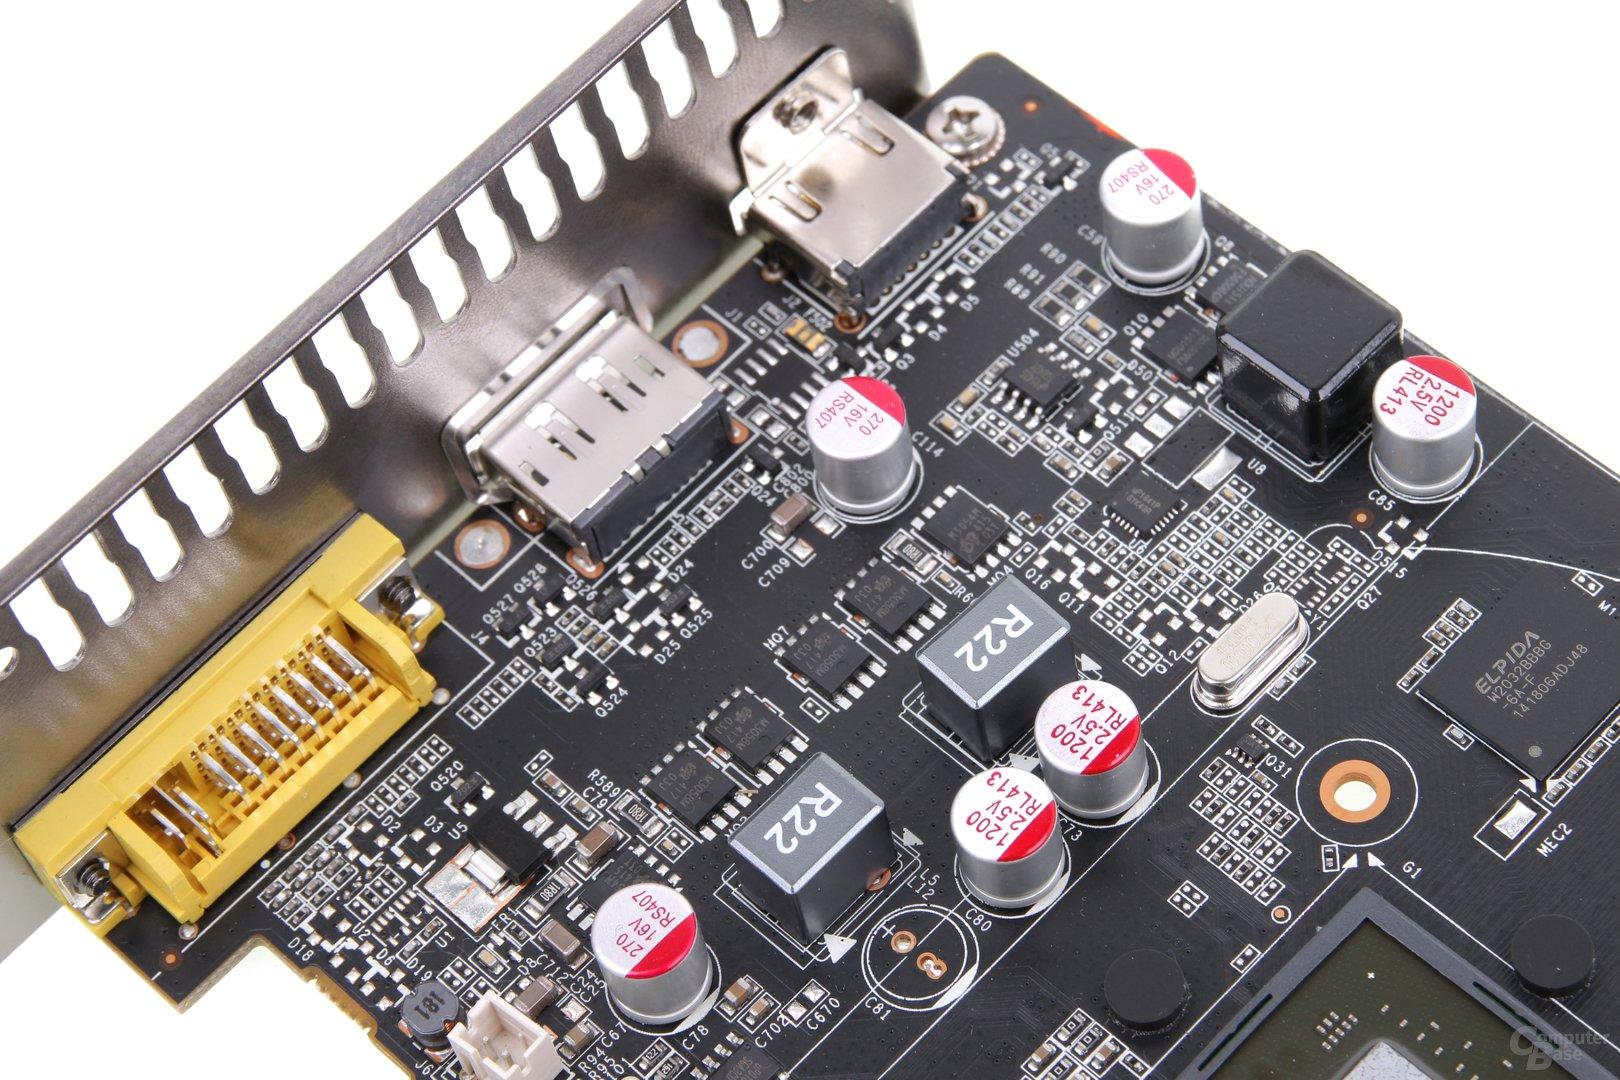 Zotac GeForce GTX 750 Zone - Stromversorgung